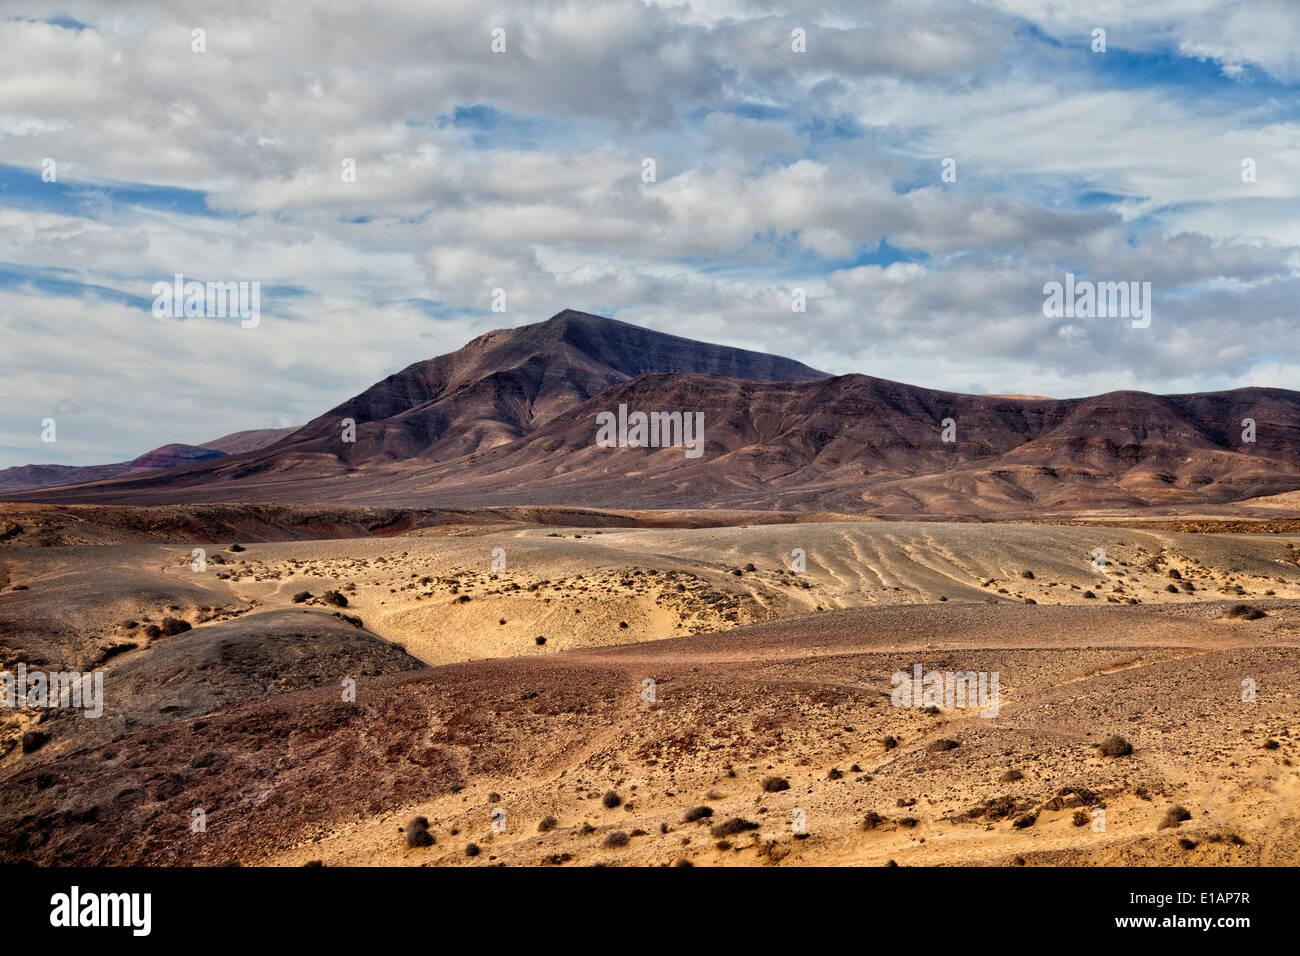 Los Ajaches nationalen Park.Lanzarote Insel. Kanarischen Inseln. Spanien. Stockbild